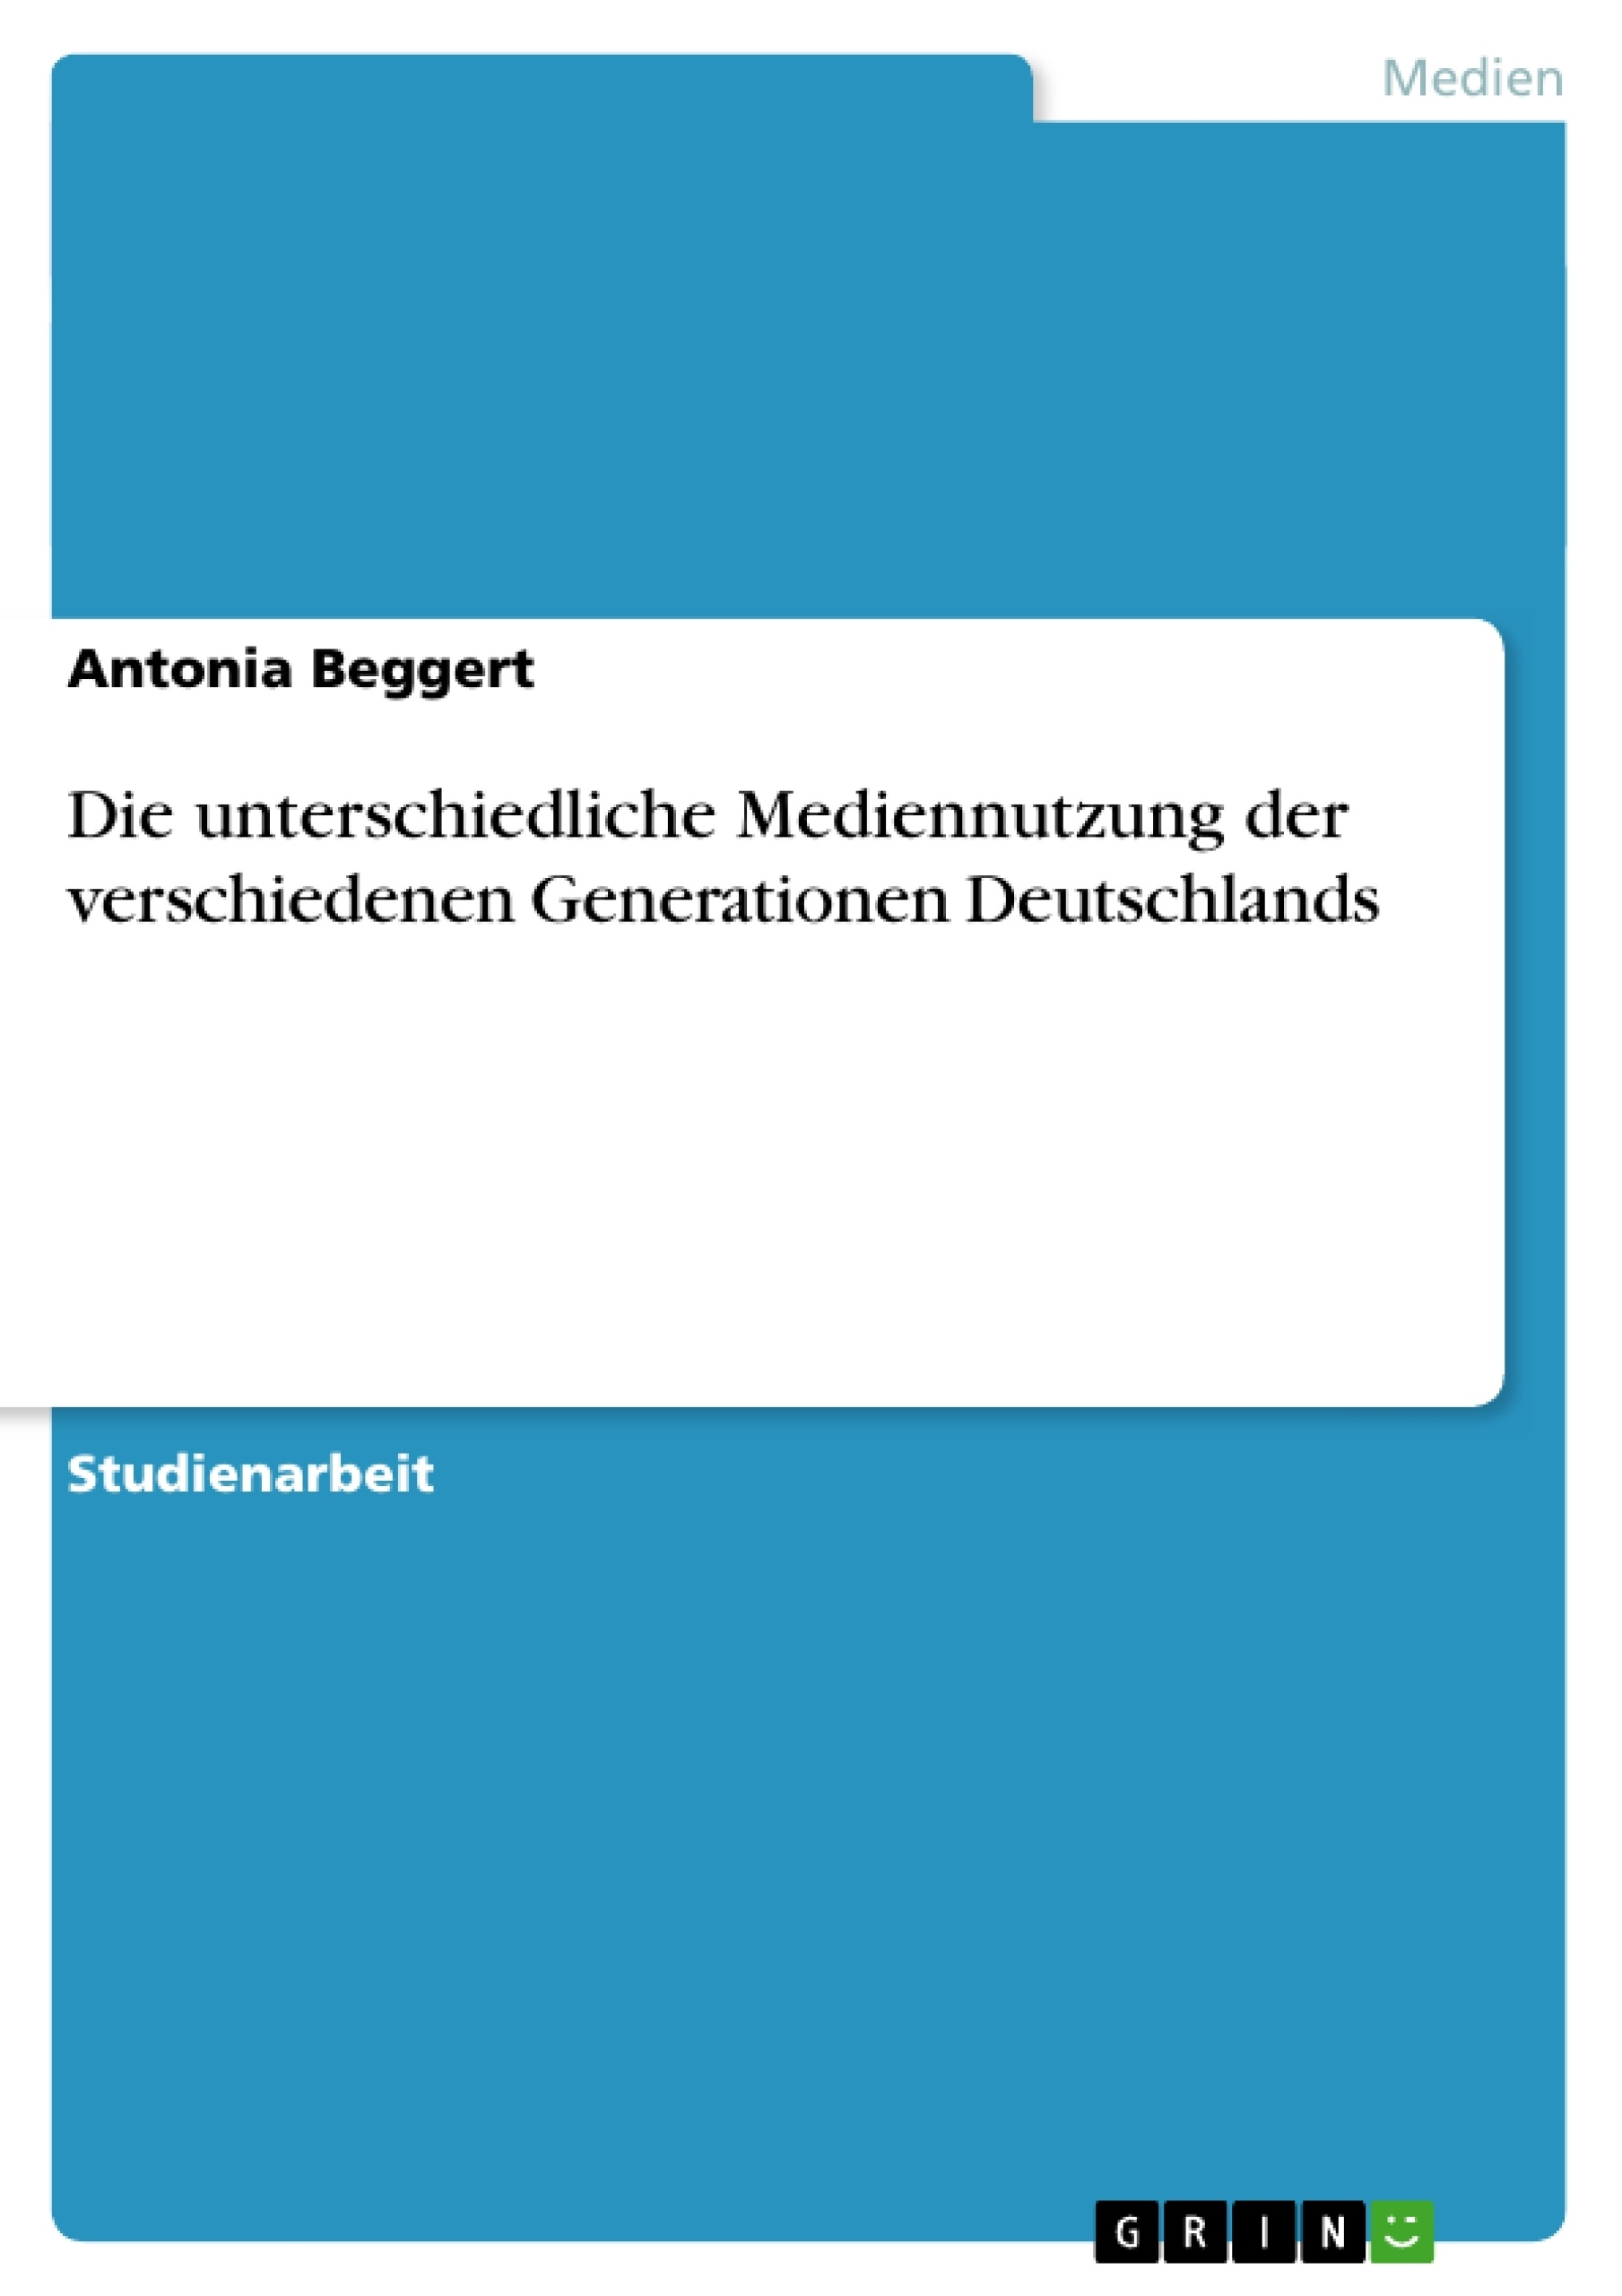 Titel: Die unterschiedliche Mediennutzung der verschiedenen Generationen Deutschlands